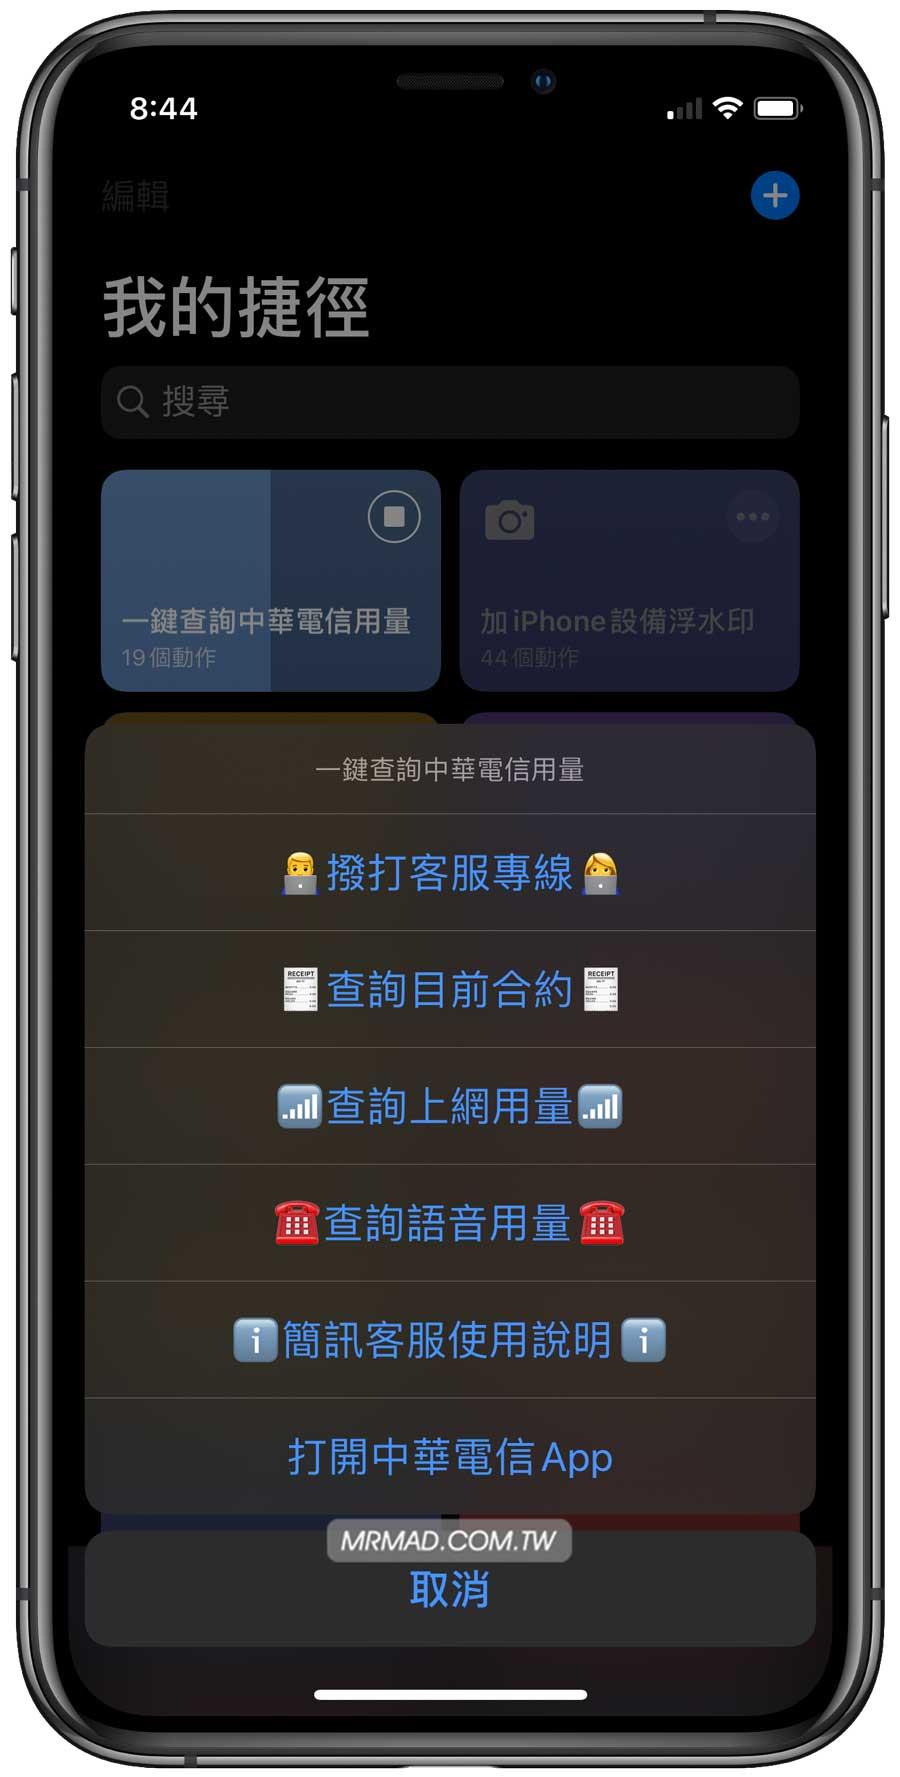 一鍵查詢中華電信用量 捷徑使用教學2